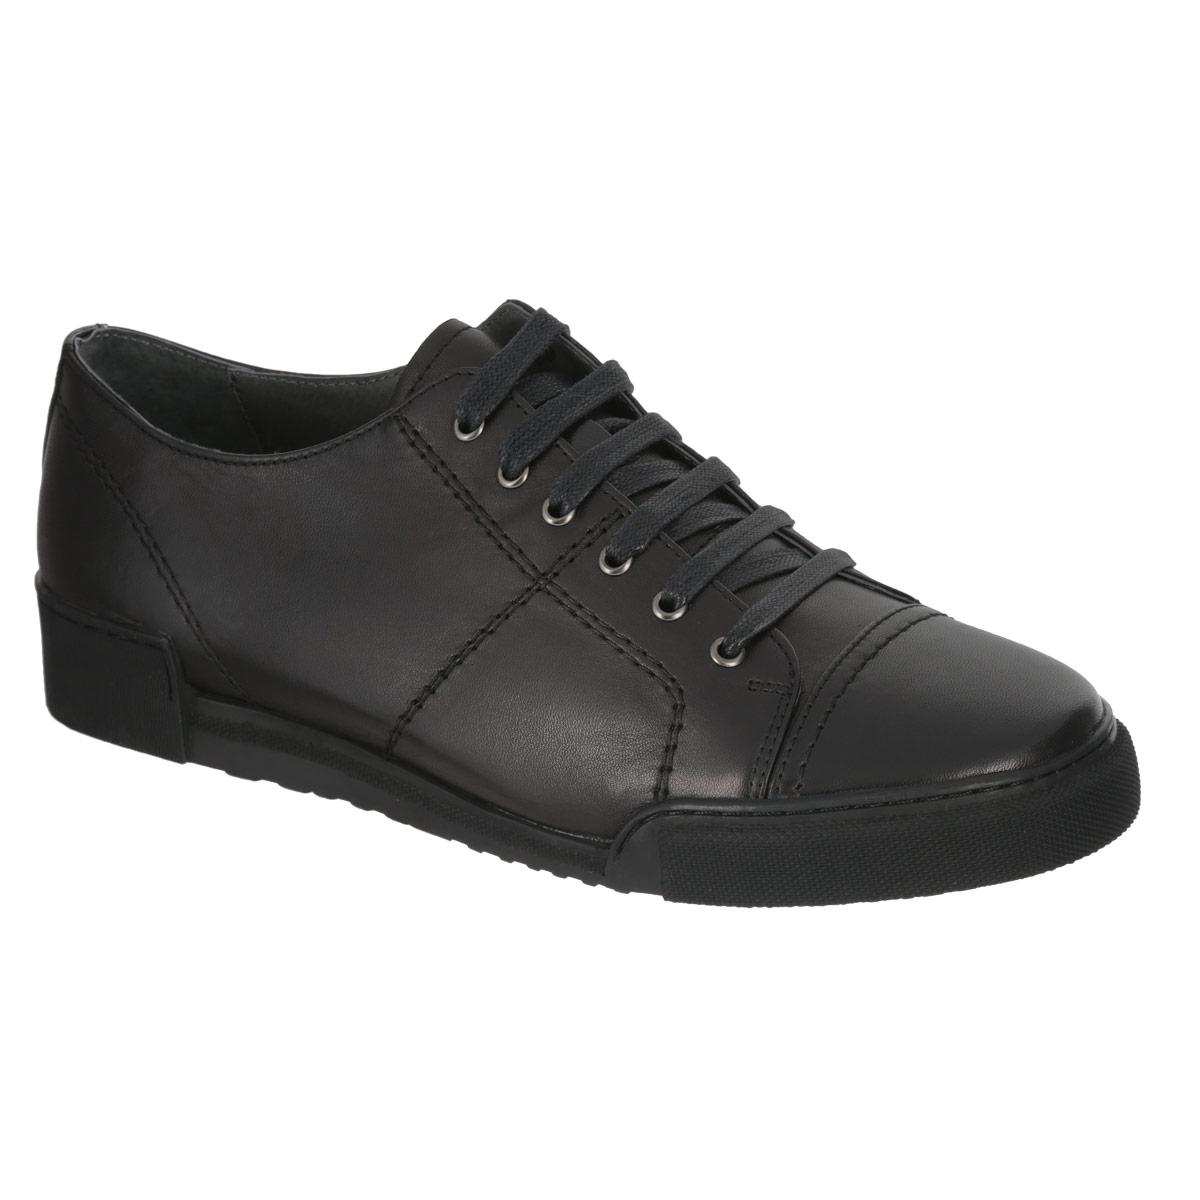 Полуботинки мужские. M23125M23125Модные мужские полуботинки Vitacci покорят вас своим удобством. Модель изготовлена из натуральной высококачественной кожи и оформлена декоративной прострочкой, задним наружным ремнем. Подошва сзади дополнена прорезиненной накладкой с тиснением в виде названия бренда. Шнуровка прочно фиксирует обувь на ноге. Съемная стелька EVA с поверхностью из натуральной кожи обеспечивает превосходную амортизацию и комфорт. Подошва оснащена противоскользящим рифлением. Стильные полуботинки прекрасно впишутся в ваш гардероб.